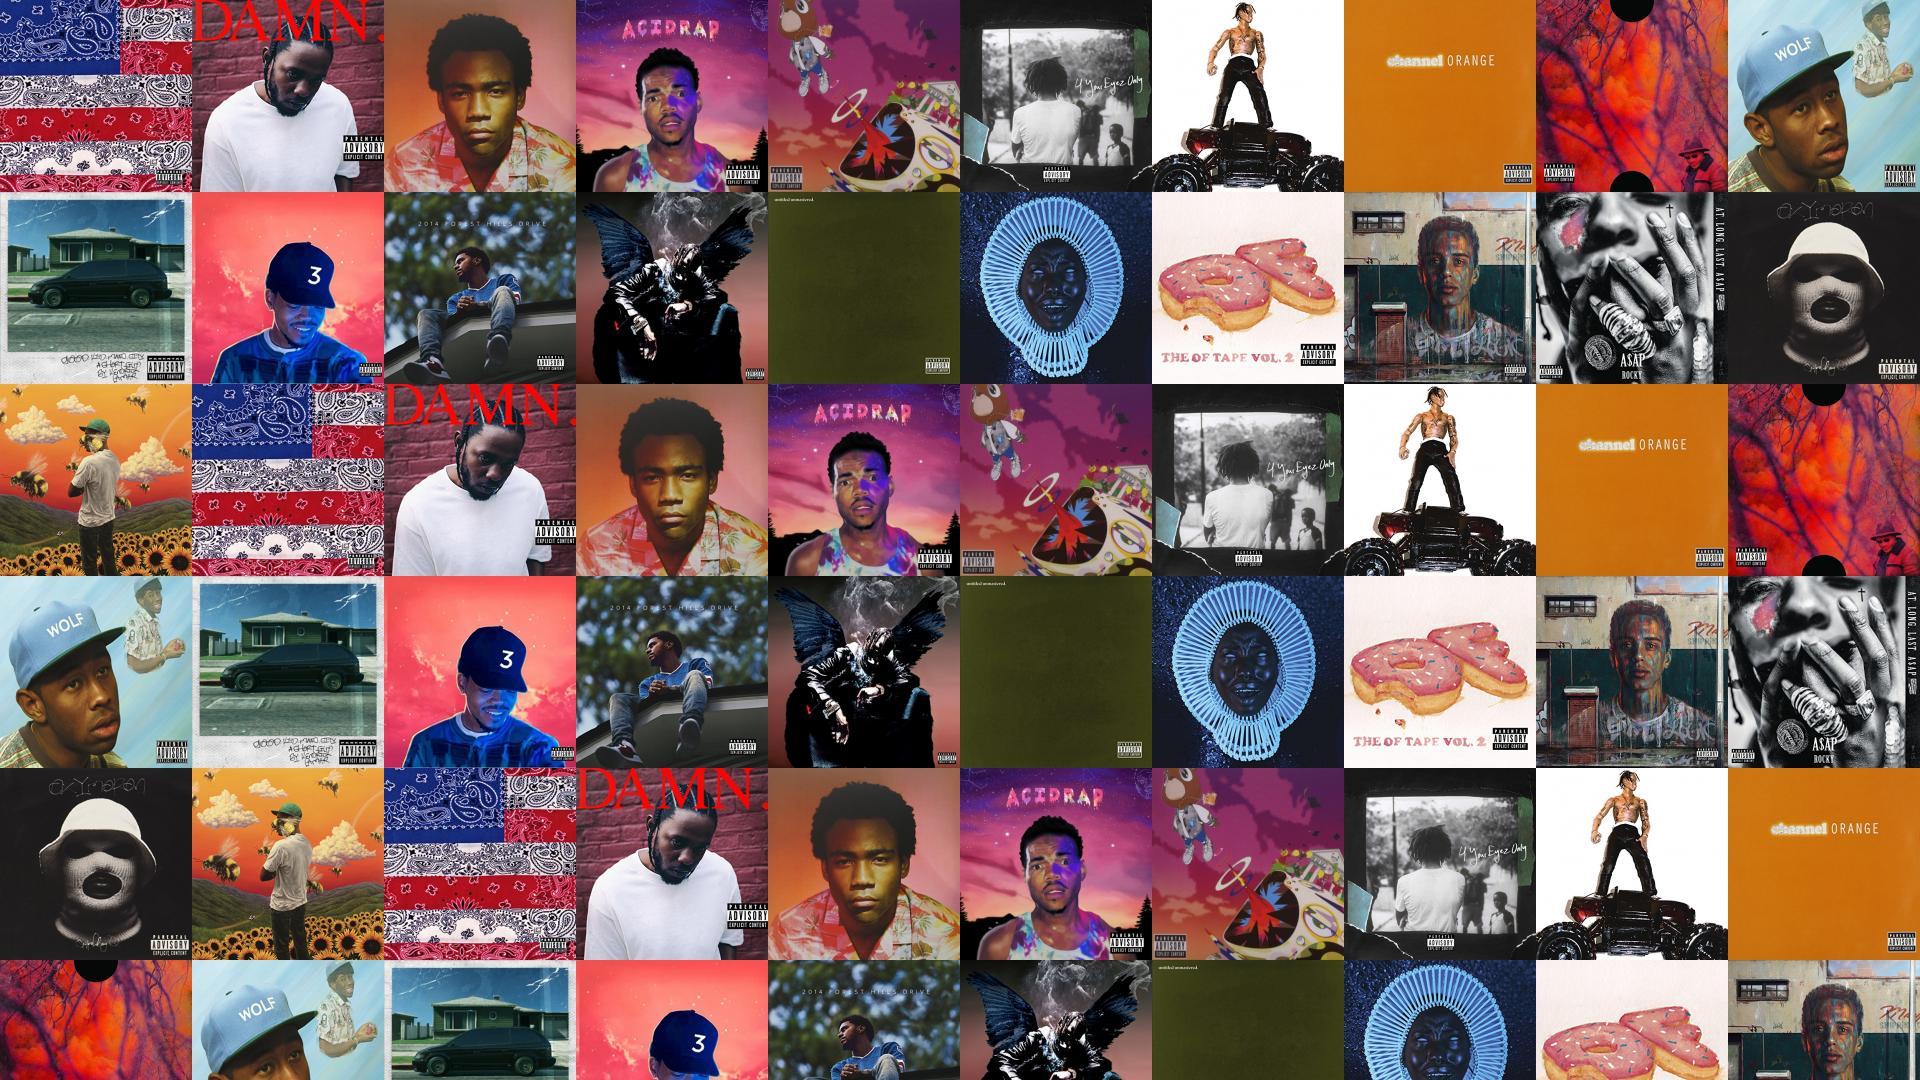 joey badass all amerikkkan badass download album